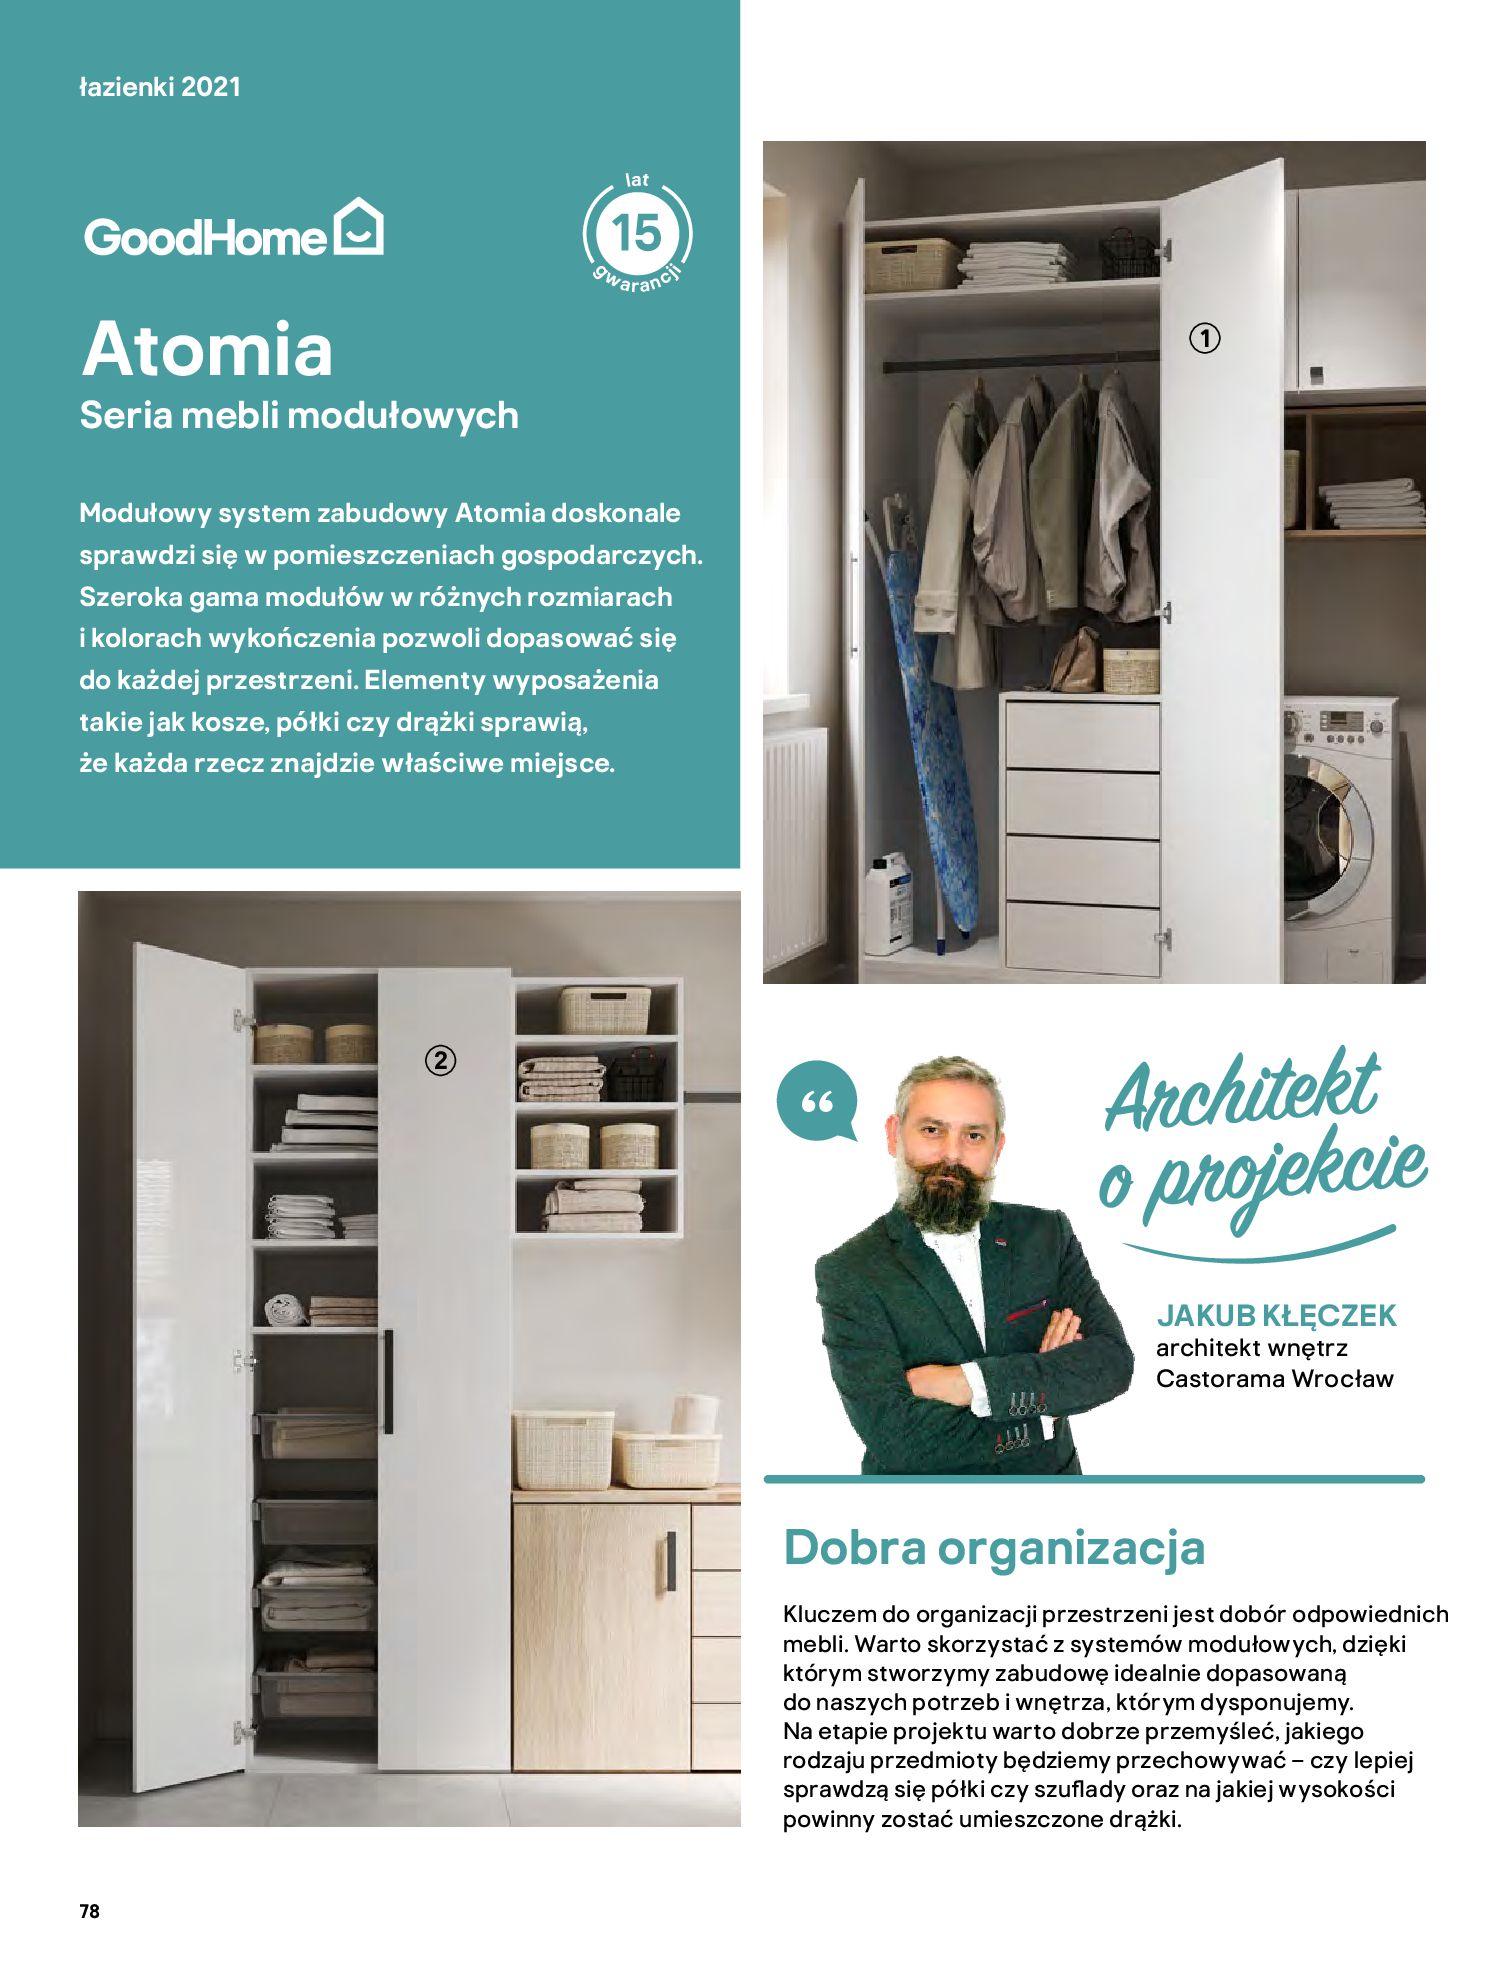 Gazetka Castorama: Gazetka Castorama - katalog łazienki 2021 2021-06-16 page-78